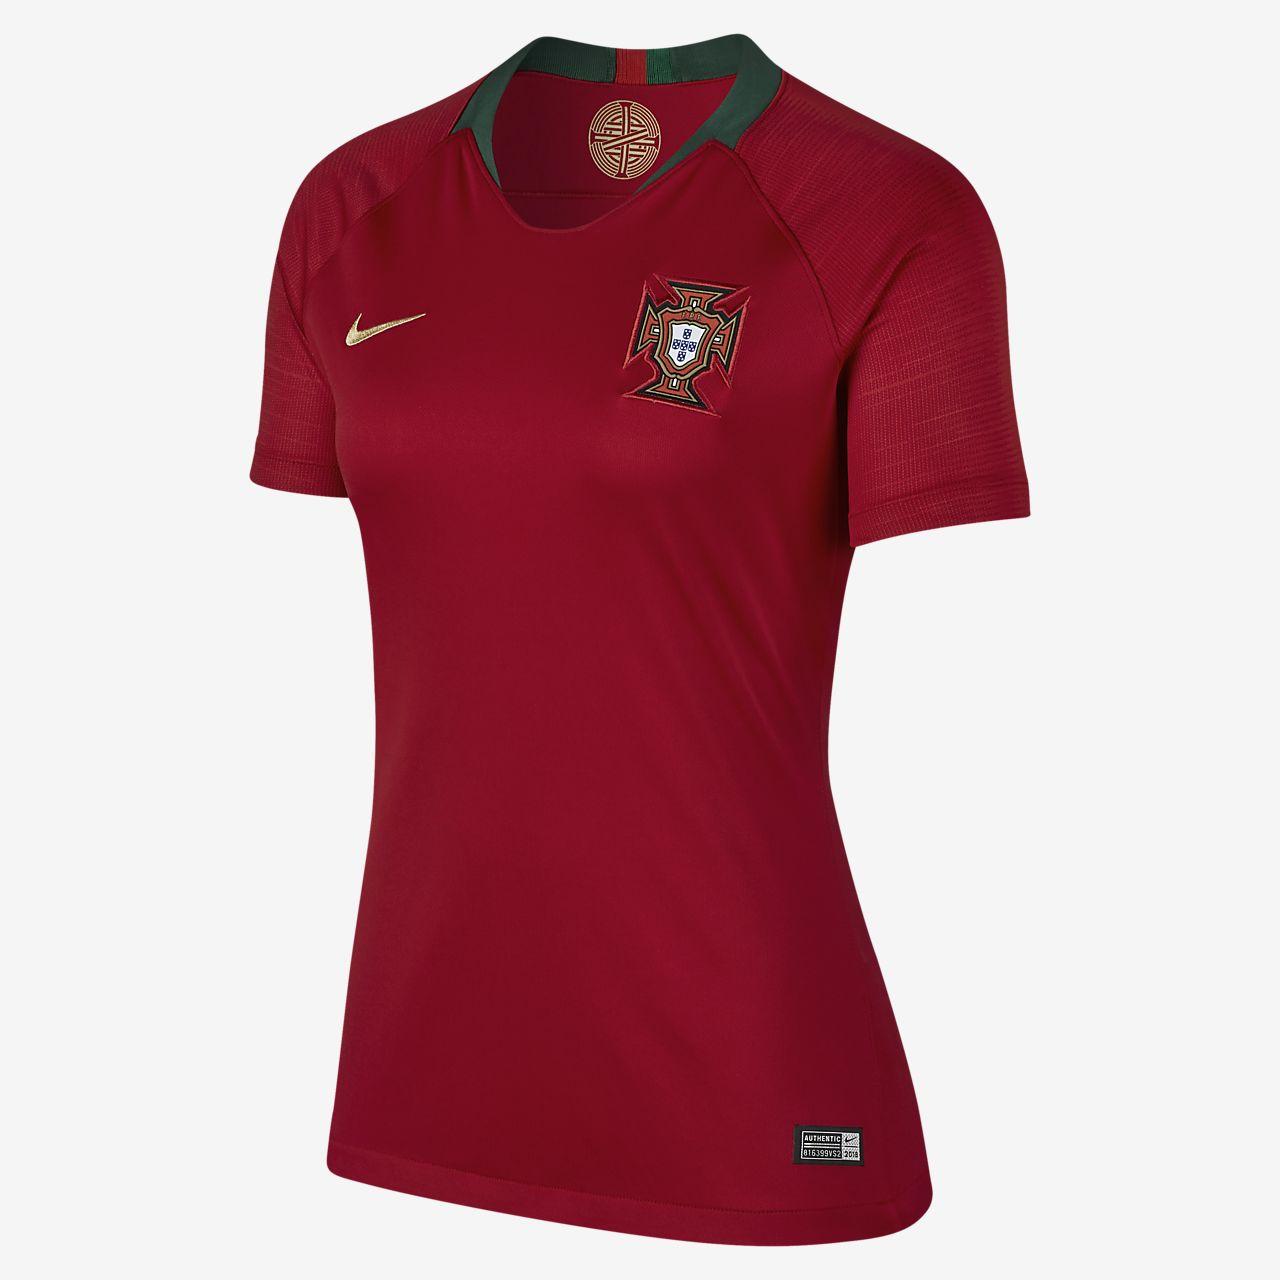 2018 Portugal Stadium Home fotballdrakt til dame